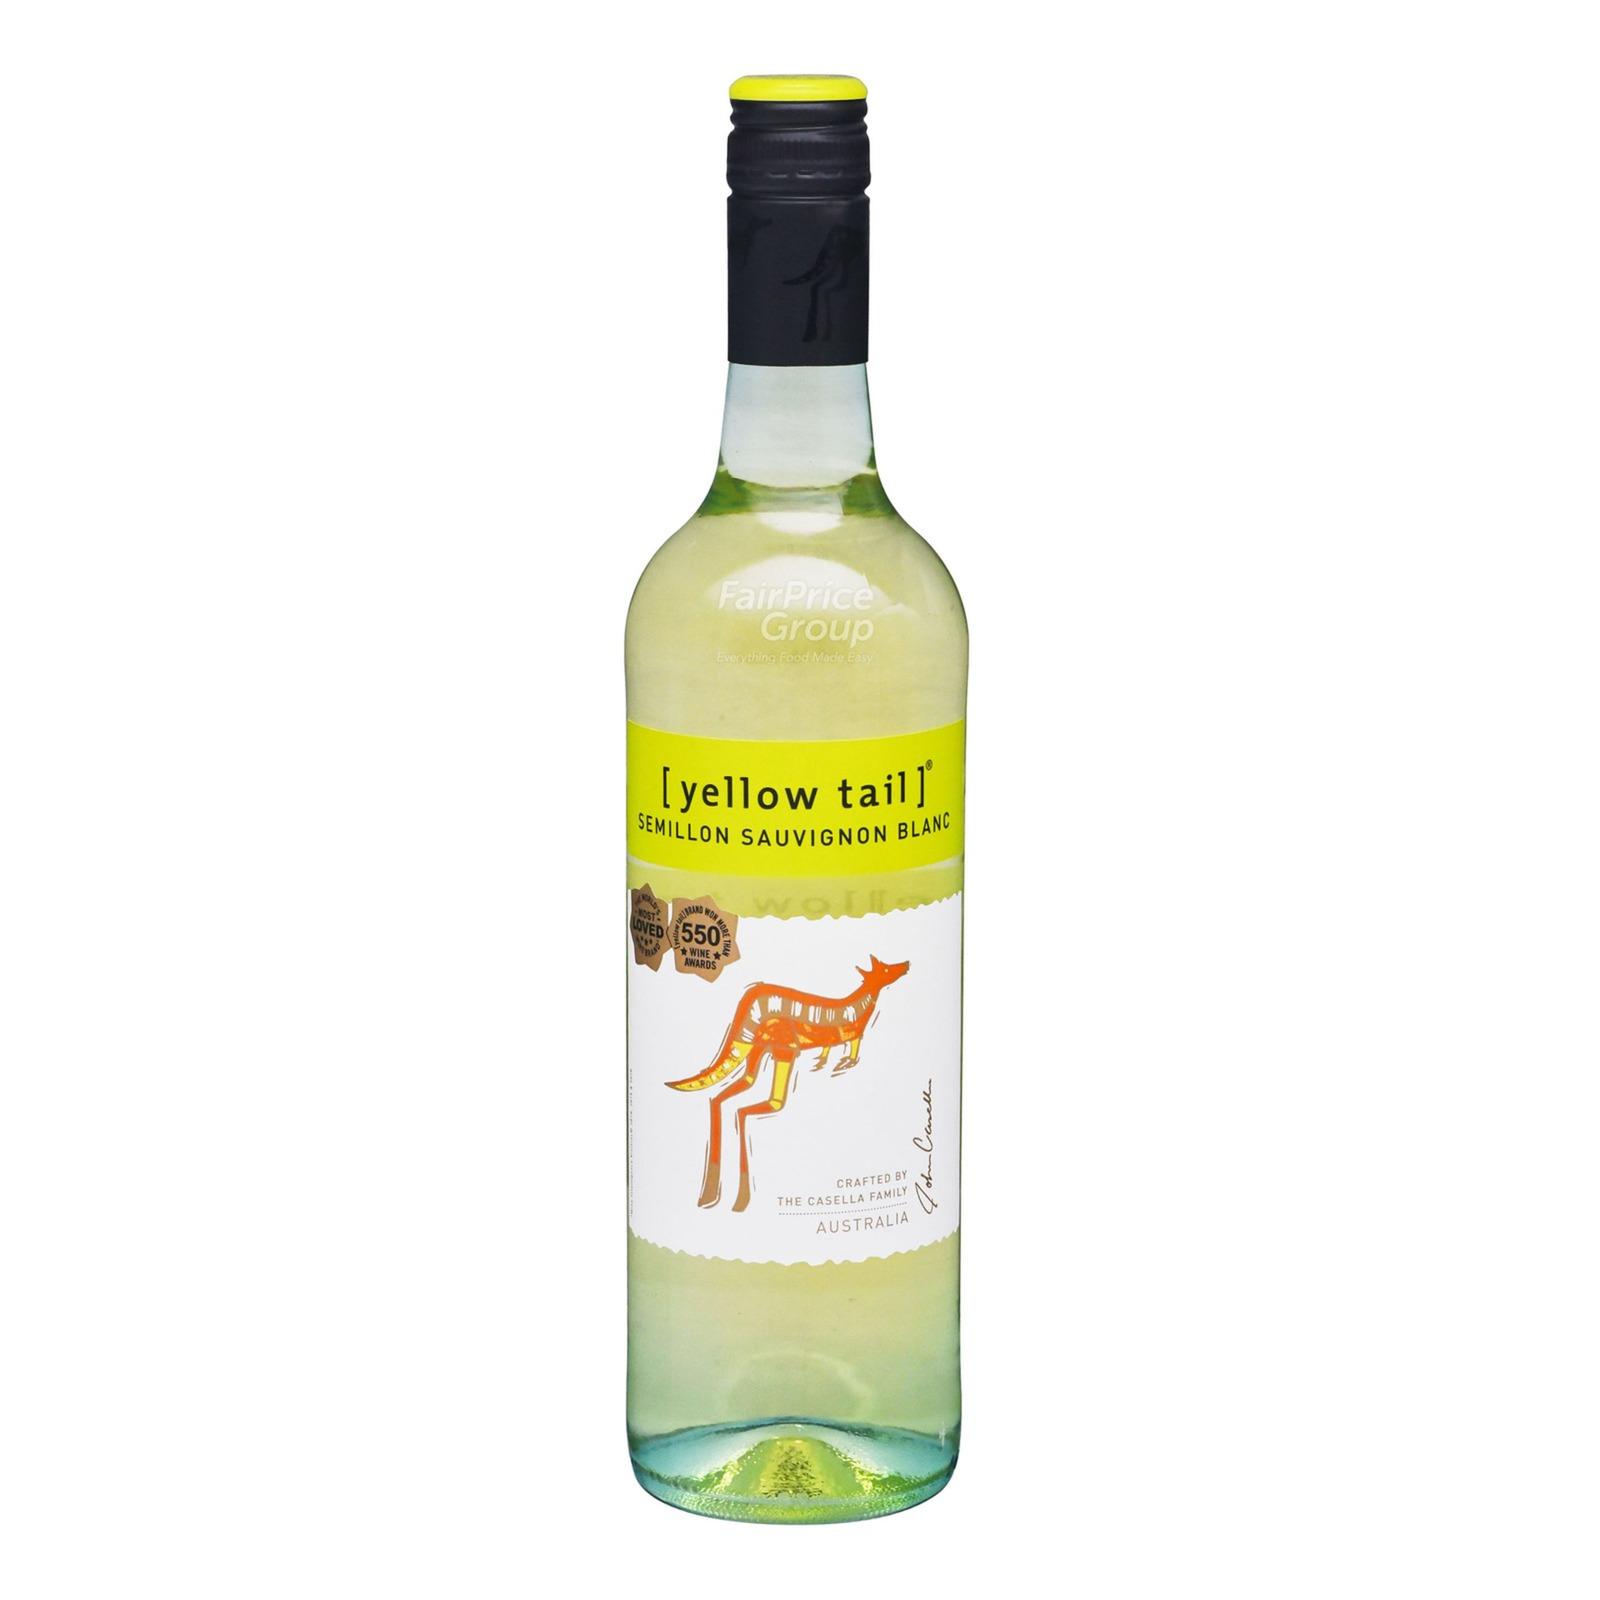 Yellow Tail White Wine - Semillon Sauvignon Blanc